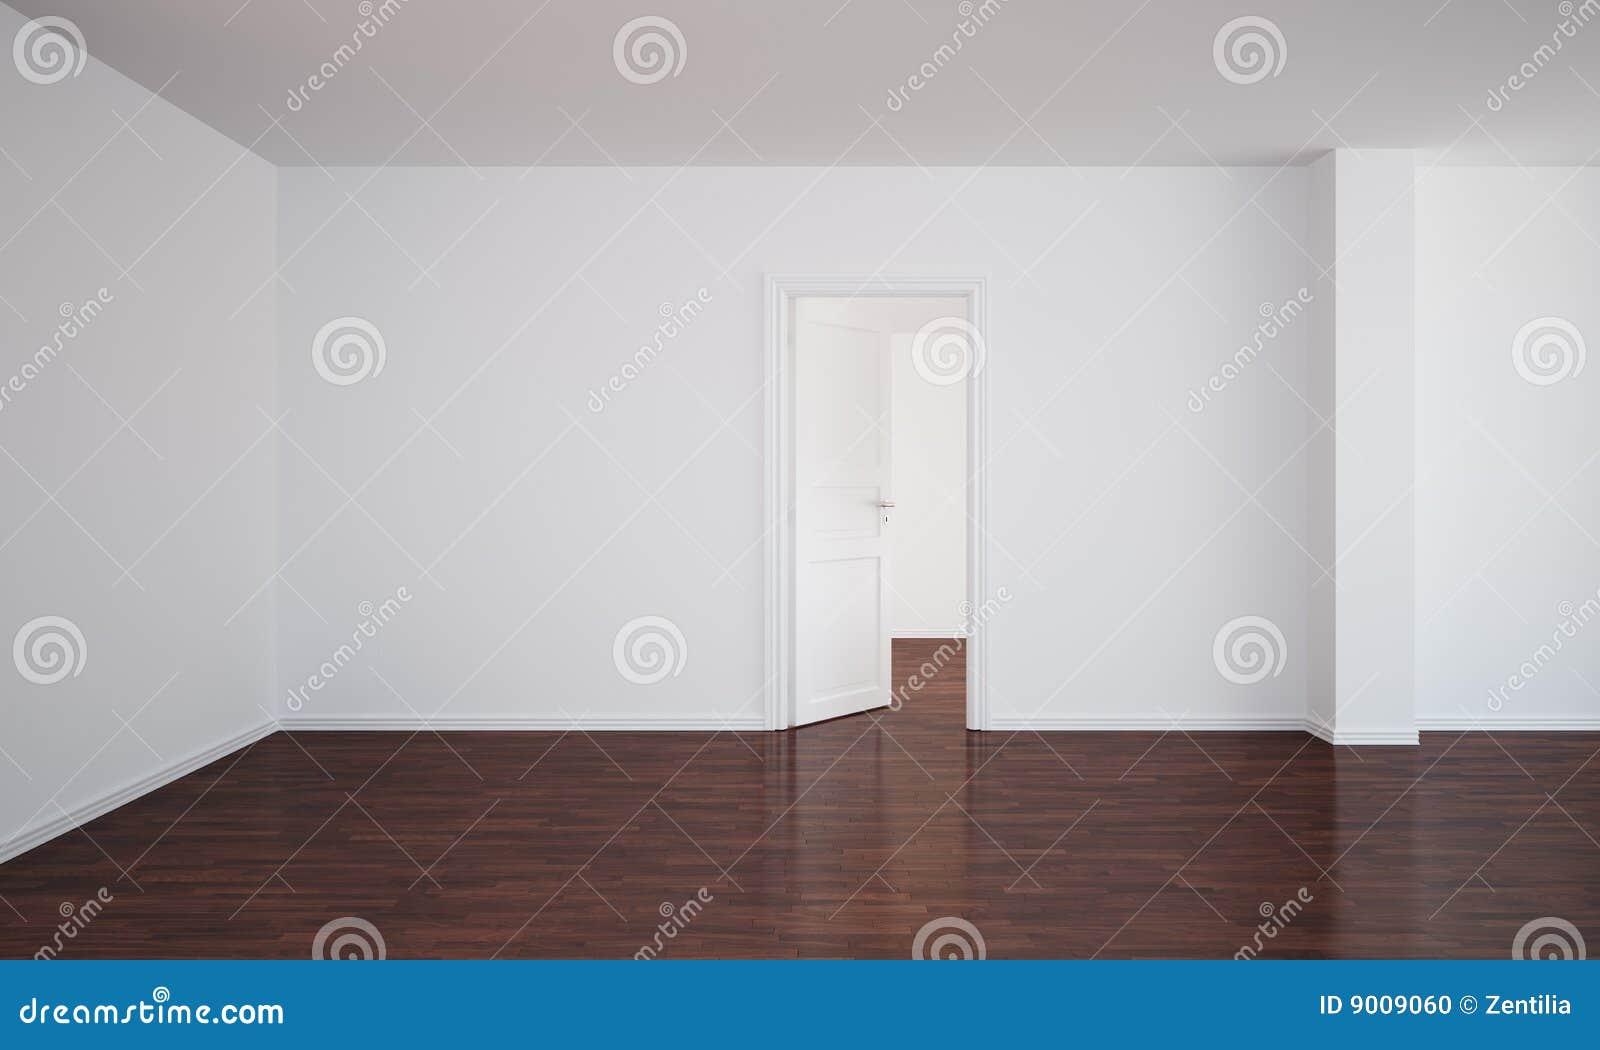 Fußboden Ohne Terbaru ~ 3d fußboden wald » leerer raum mit dunklem fußboden stock abbildung